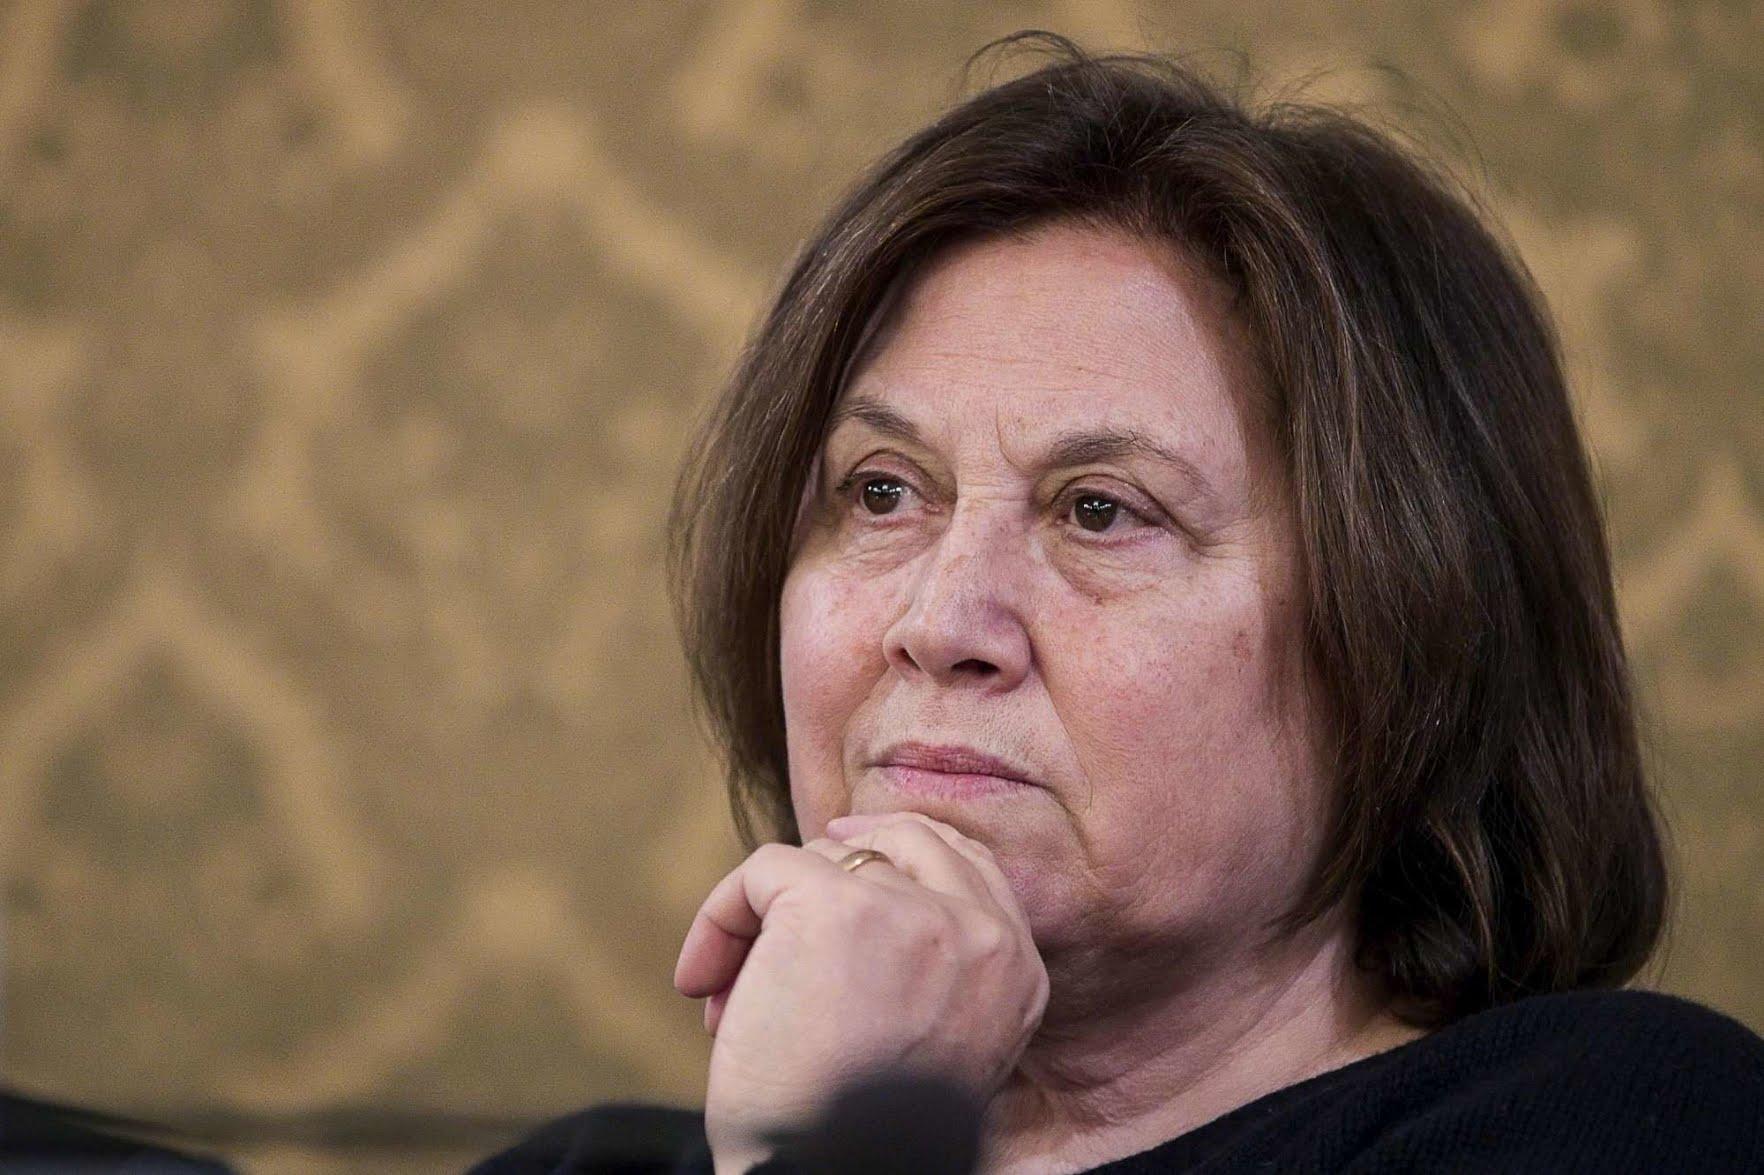 Lucia Annunziata ricoverata, primo tampone negativo. La Tac